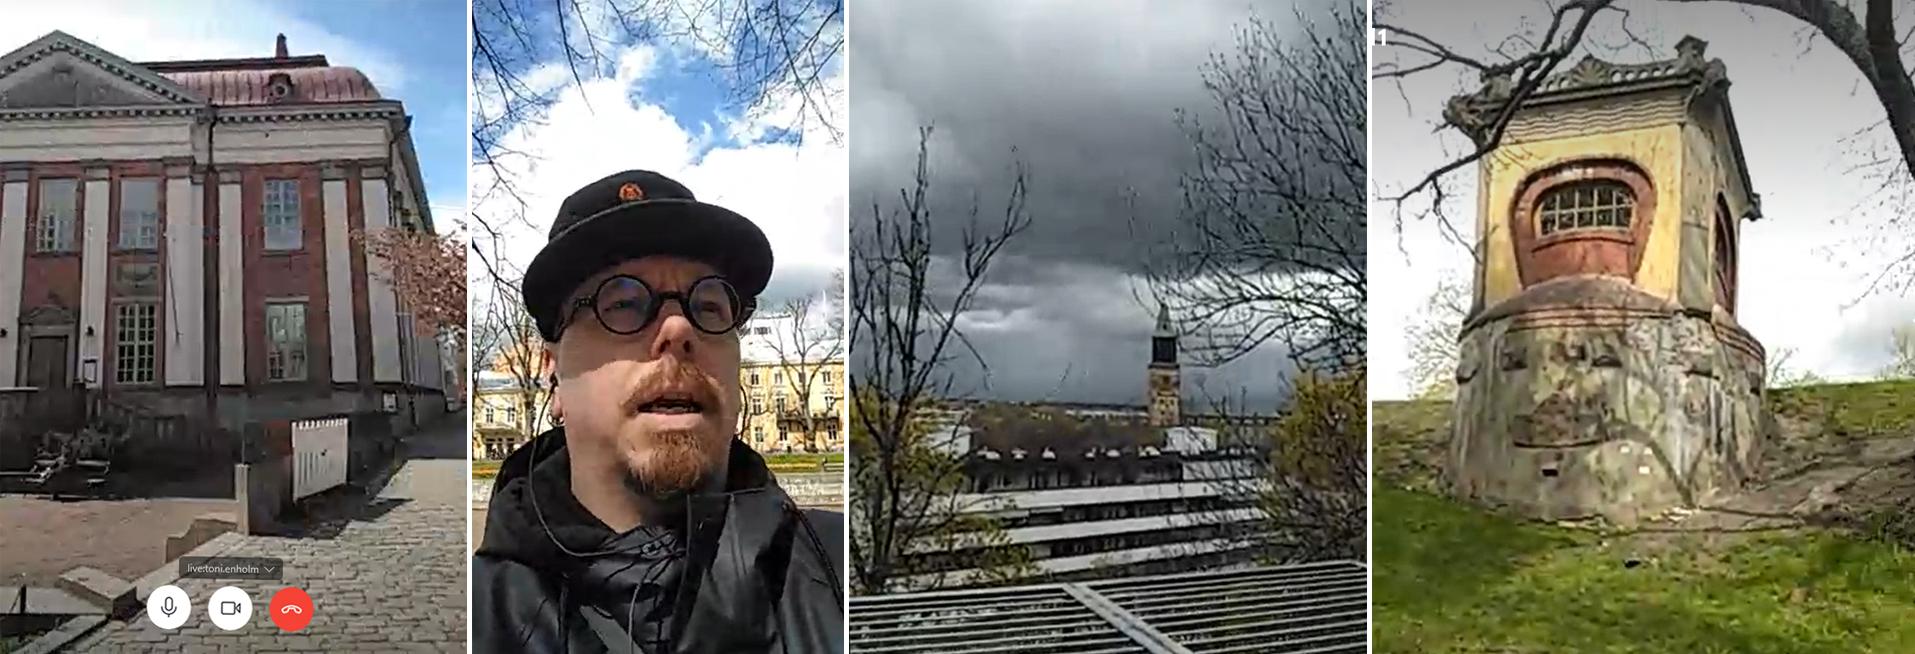 Doerz Toni Turku synkkiä tarinoita